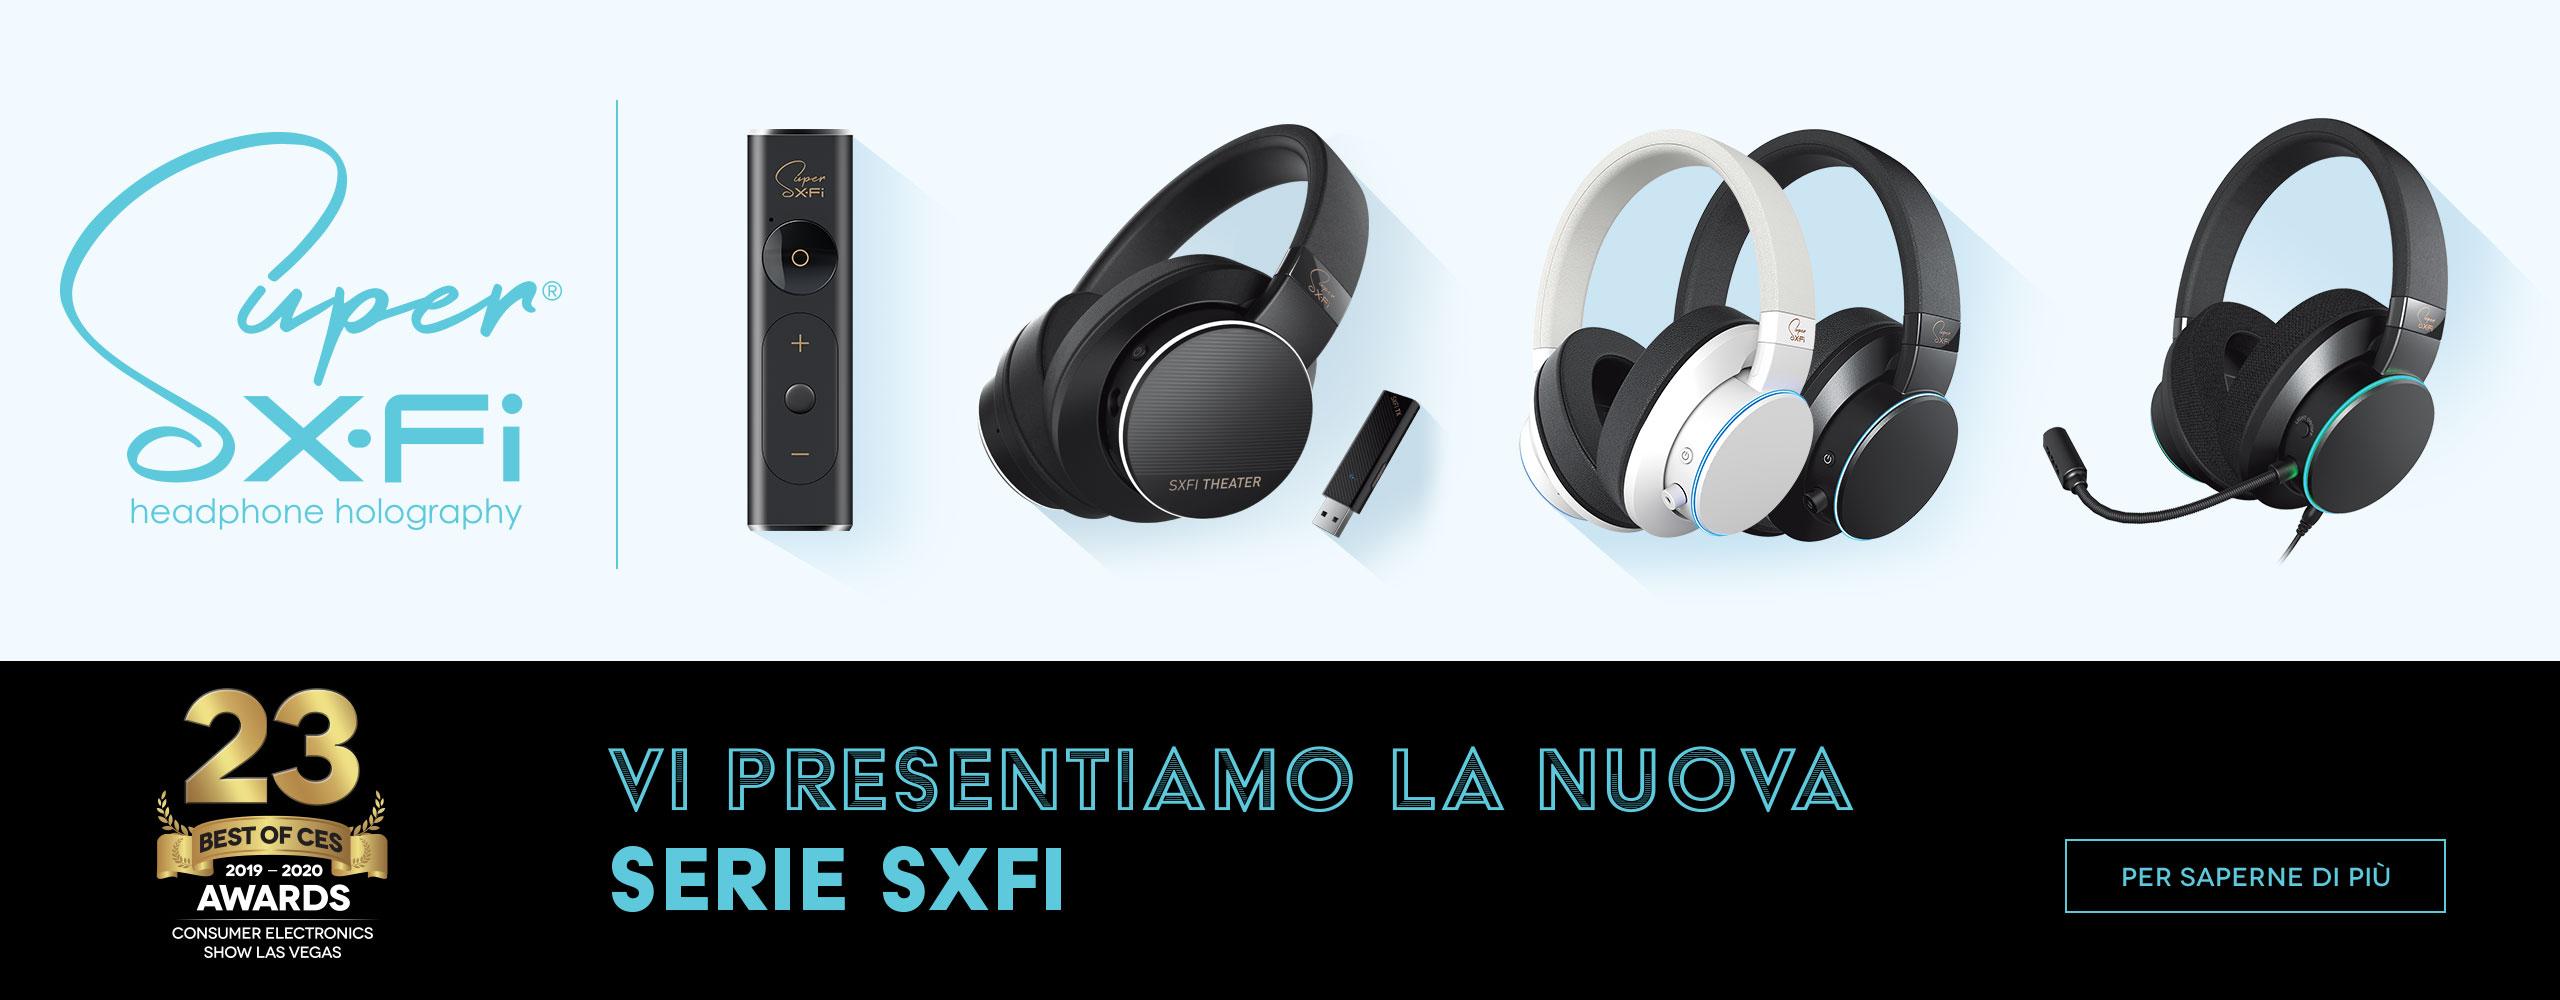 Ecco a voi i super sconti Creative! - Creative Labs (Italia) 38f17e712f3a